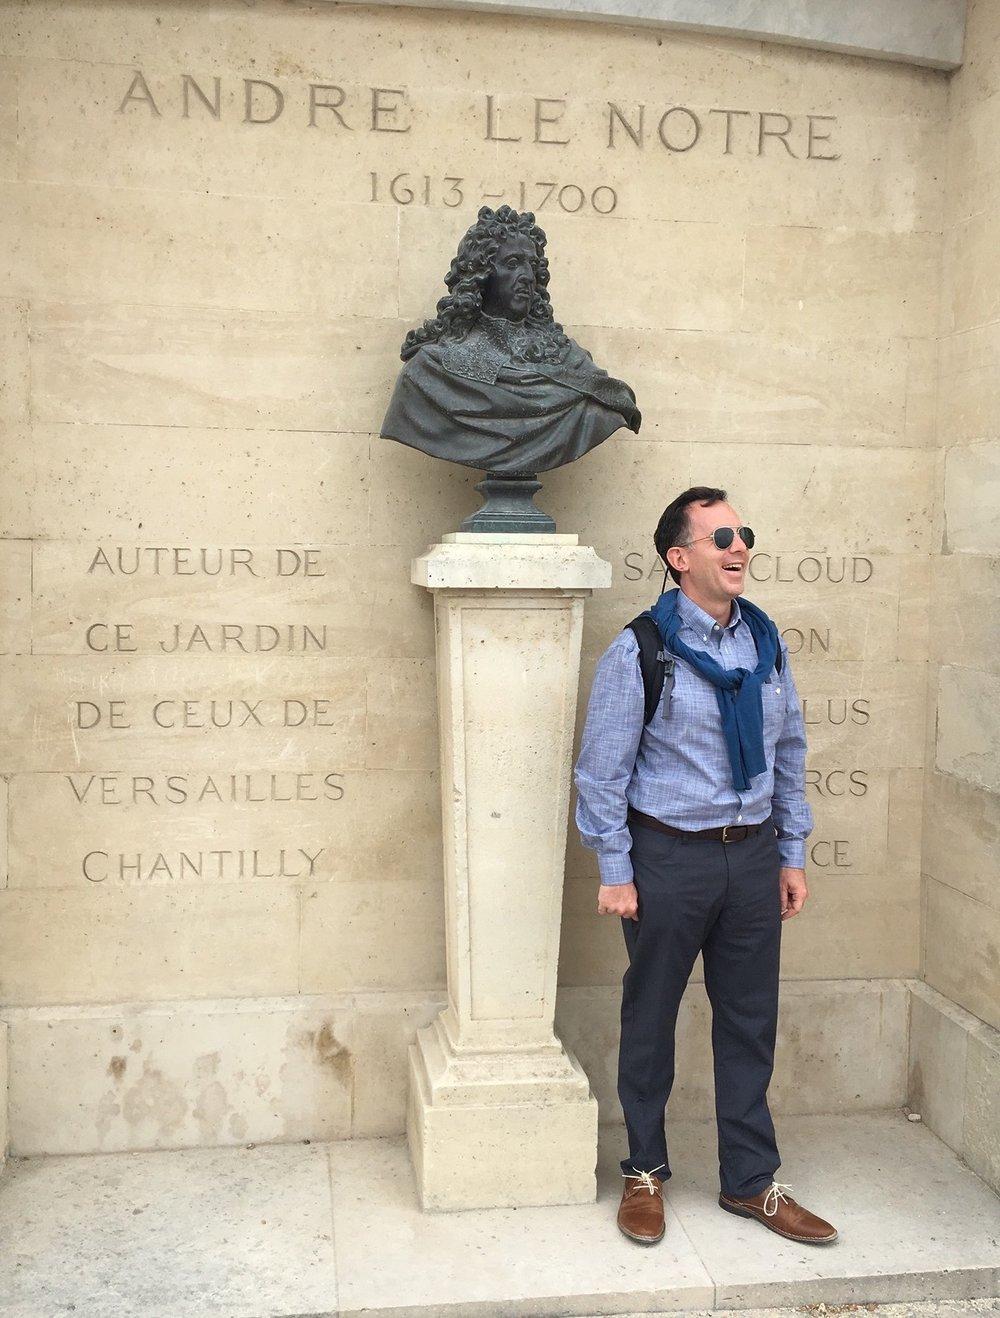 Charles_King_Sadler_Tuileries_Le_Notre cropped.jpg